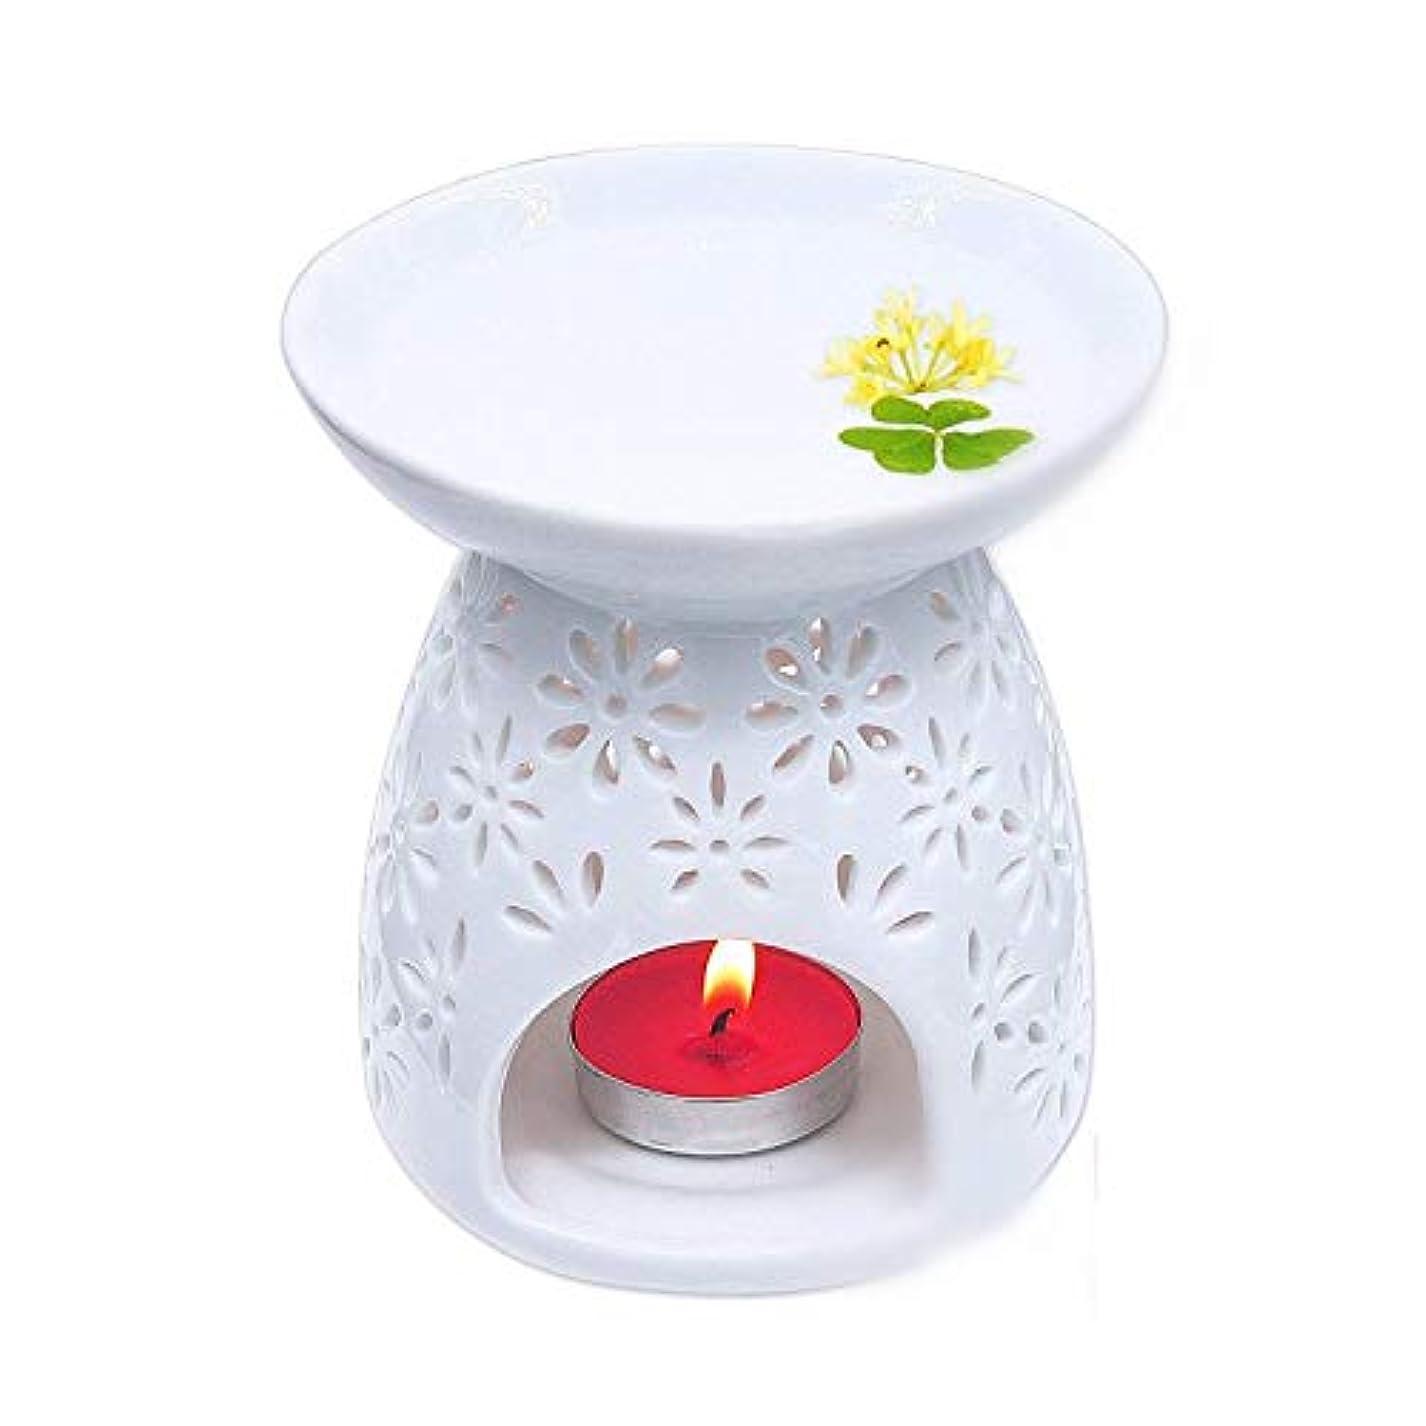 促すクリーム北Pursue 茶香炉 アロマ炉 香炉 陶器 精油 香炉置物 薫香 インテリア アロマディフューザー 中空の彫刻工 消臭と癒し おしゃれ